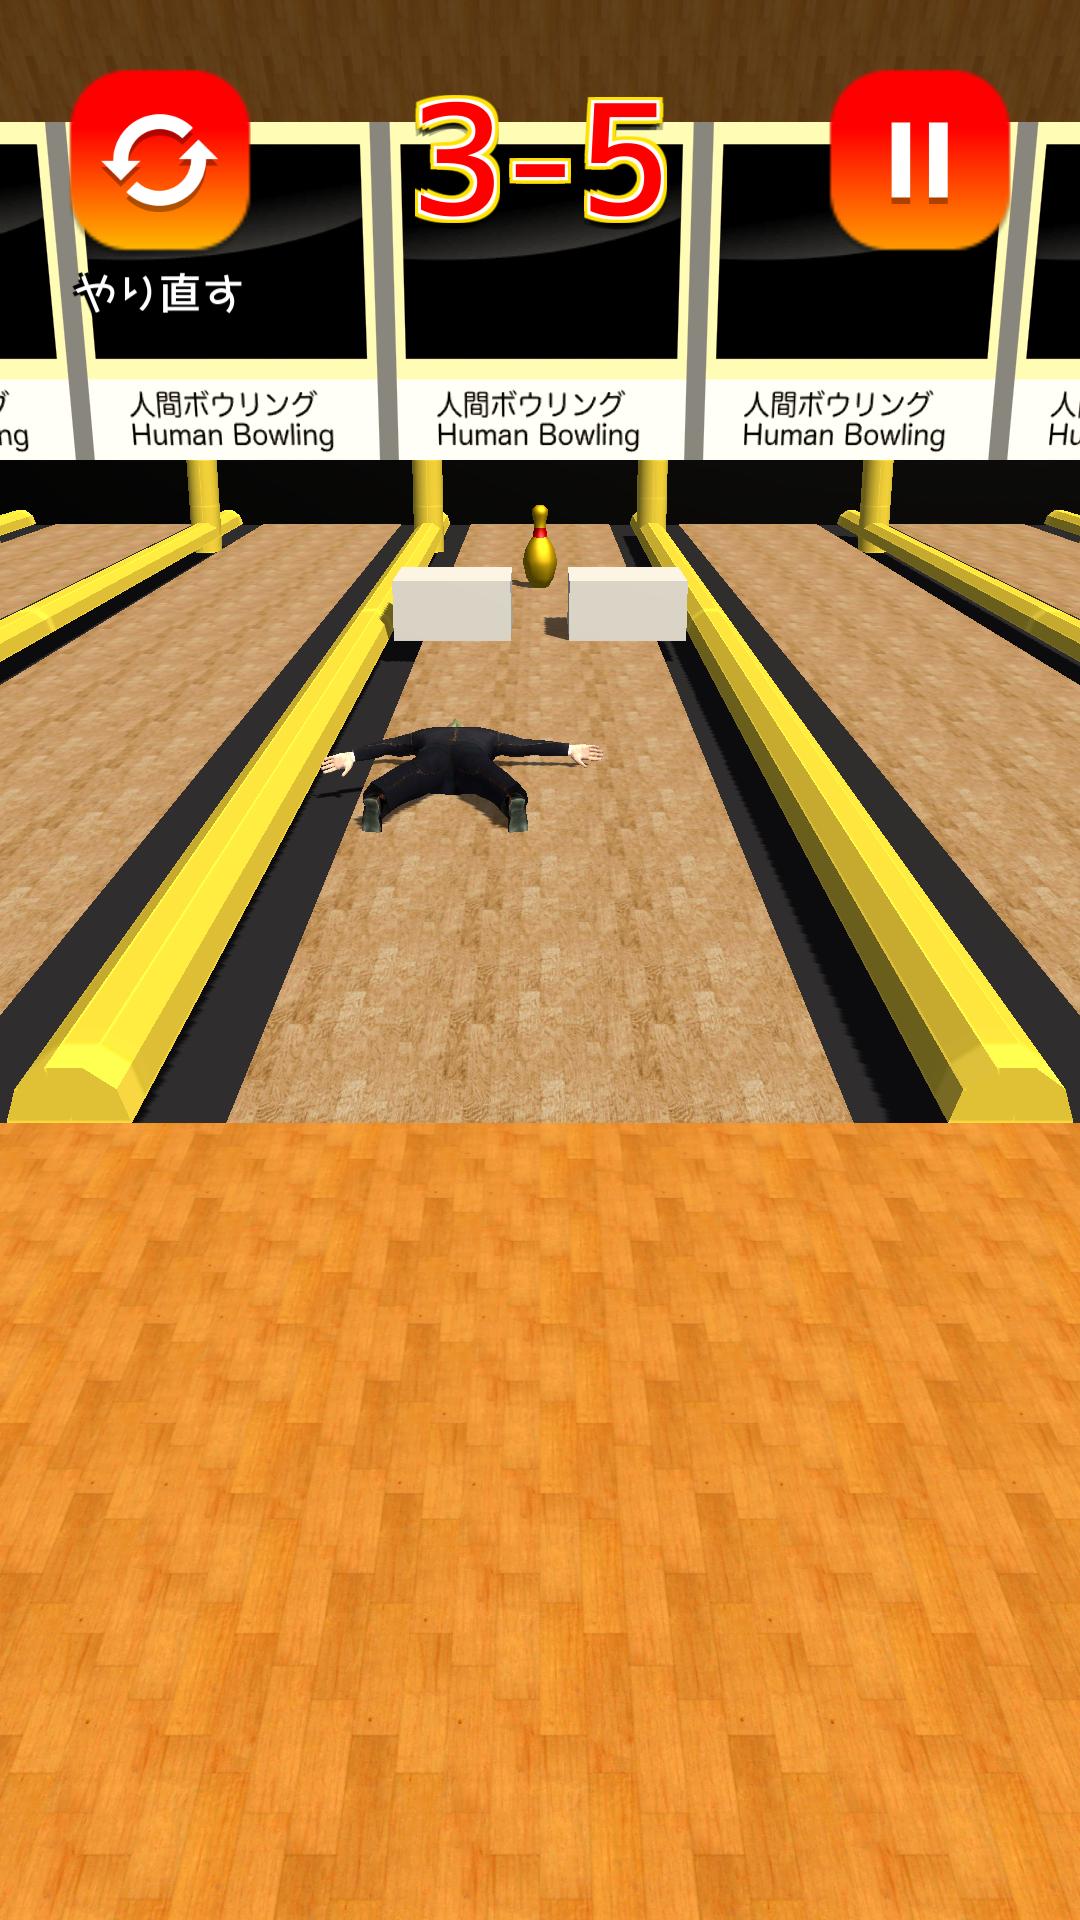 androidアプリ 人間ボウリング攻略スクリーンショット3